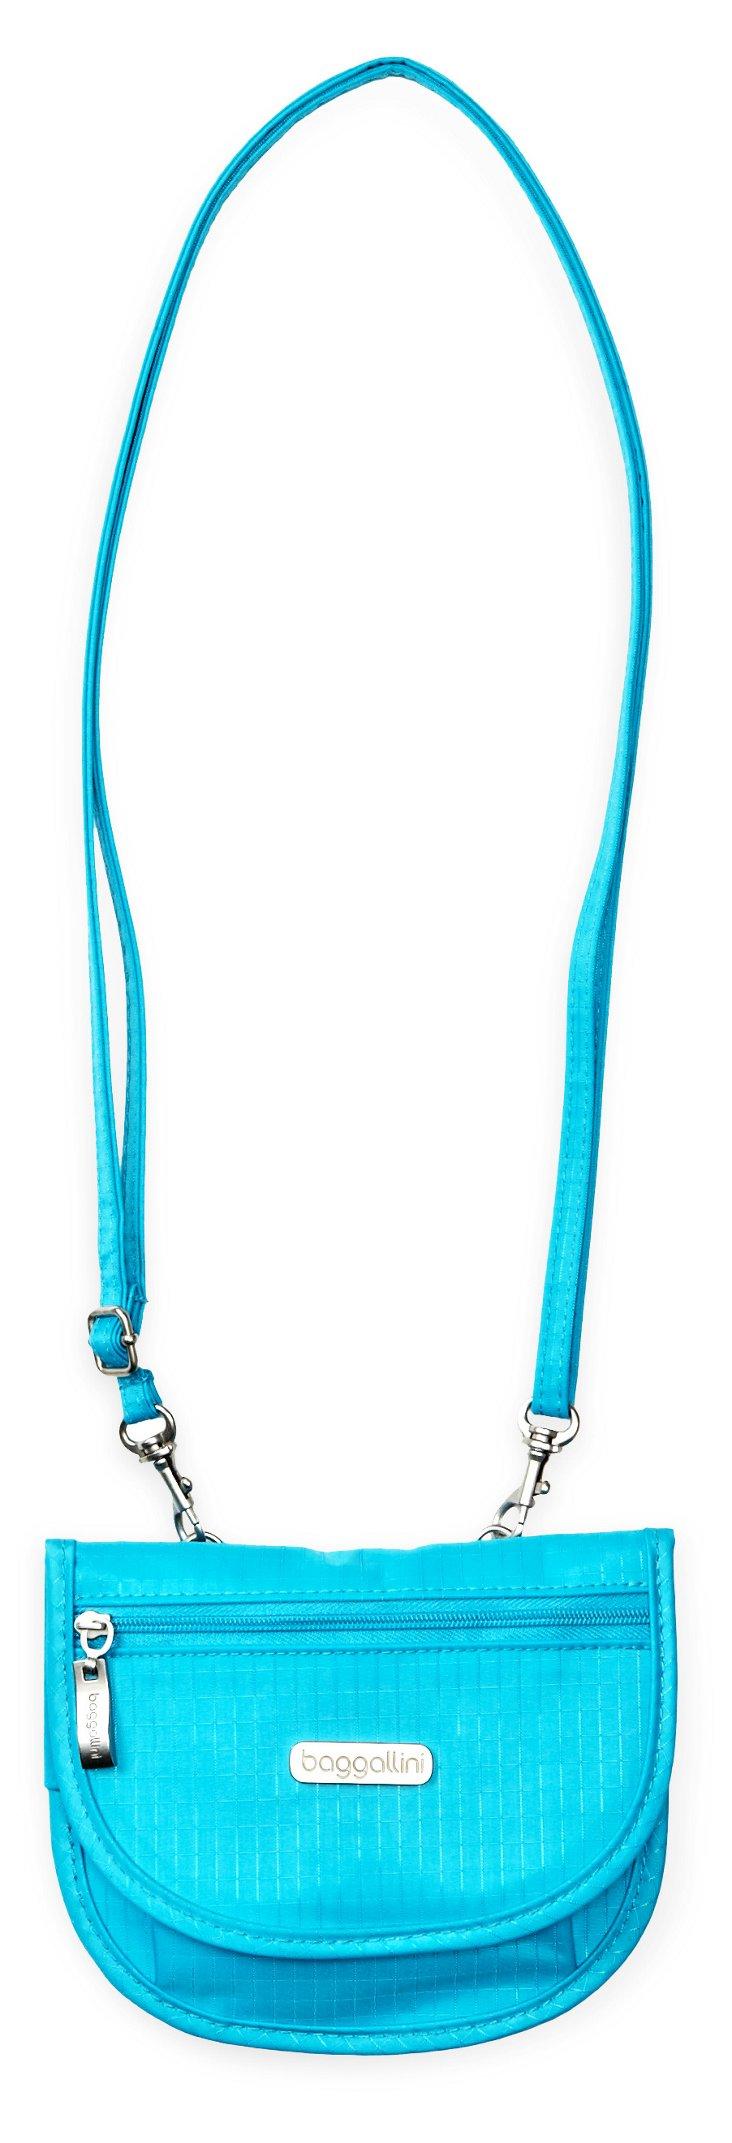 Convertible Teenee Bagg, Turquoise